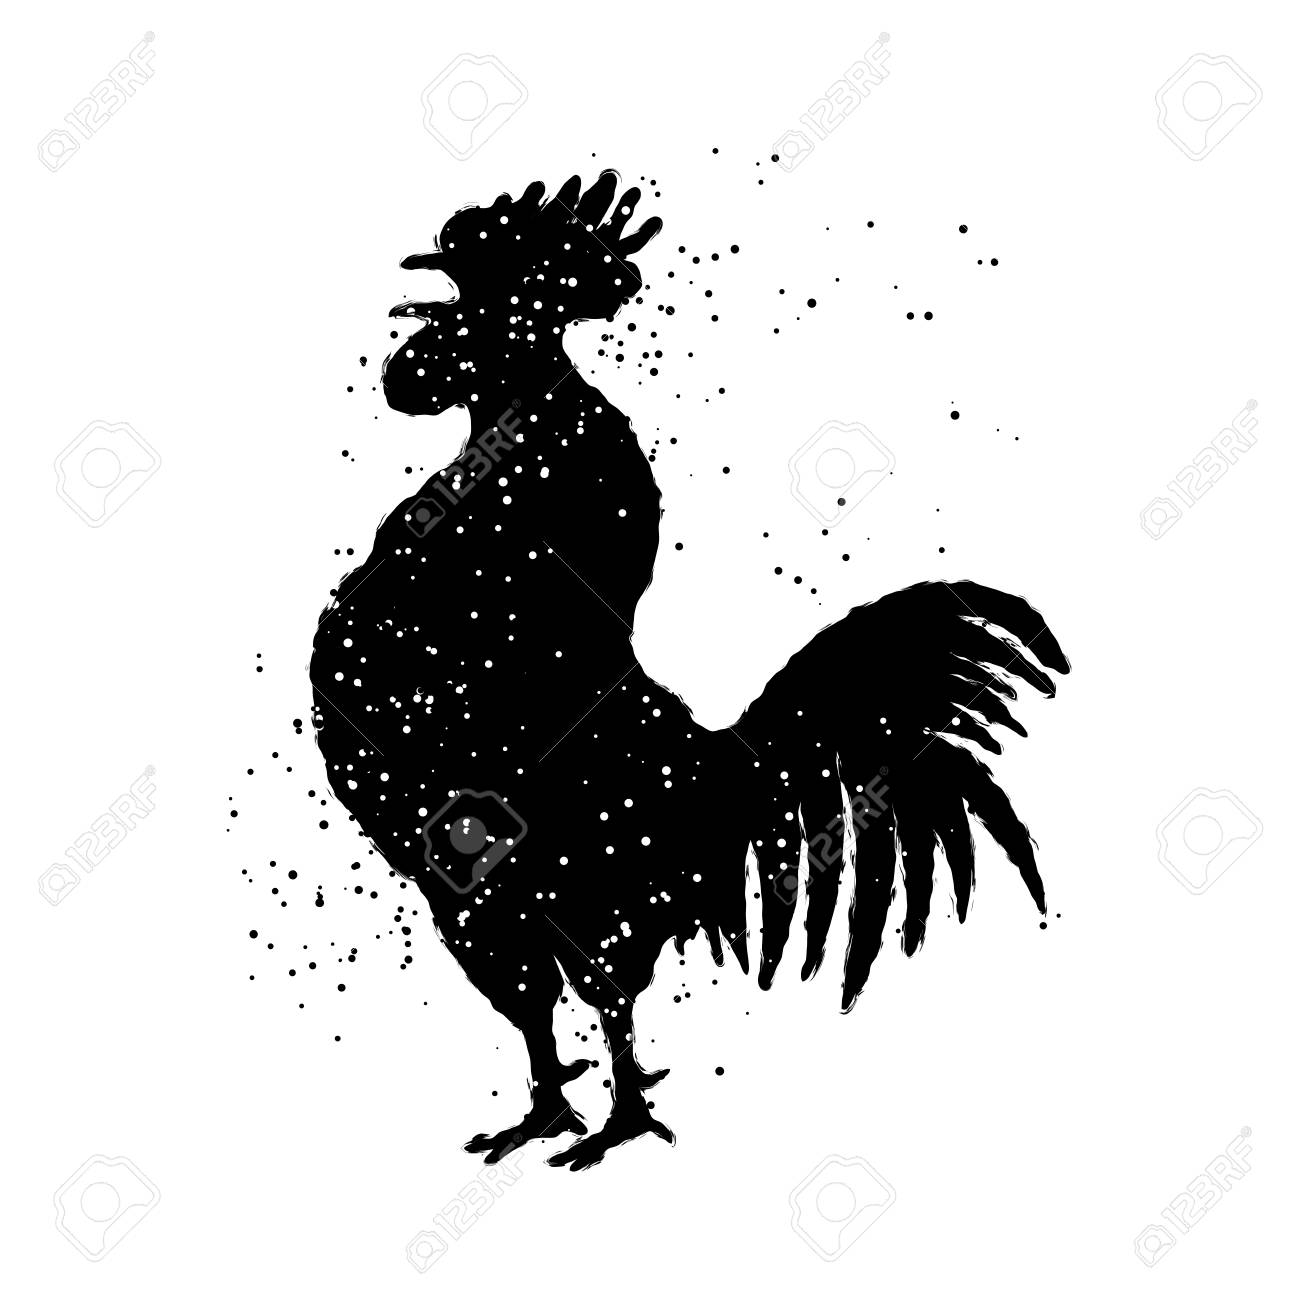 Großer schwarzer Hahn tranniert